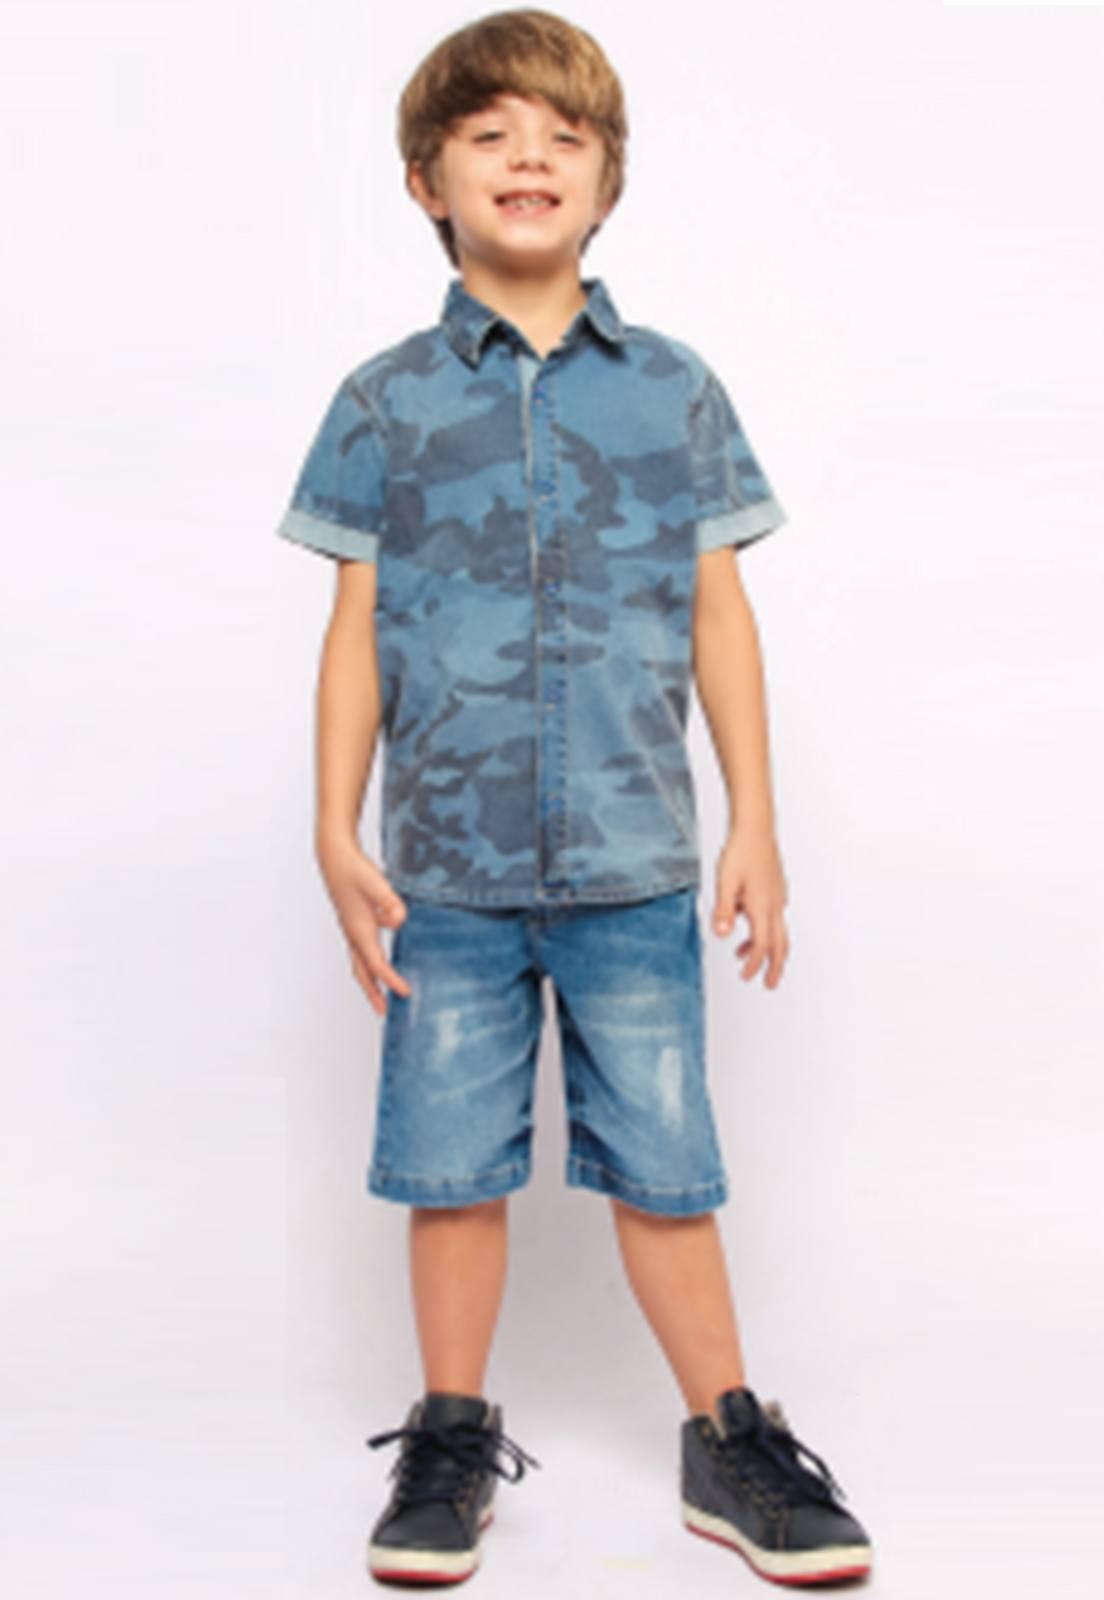 Camisa Jeans Estampa Camuflada Ref. 247